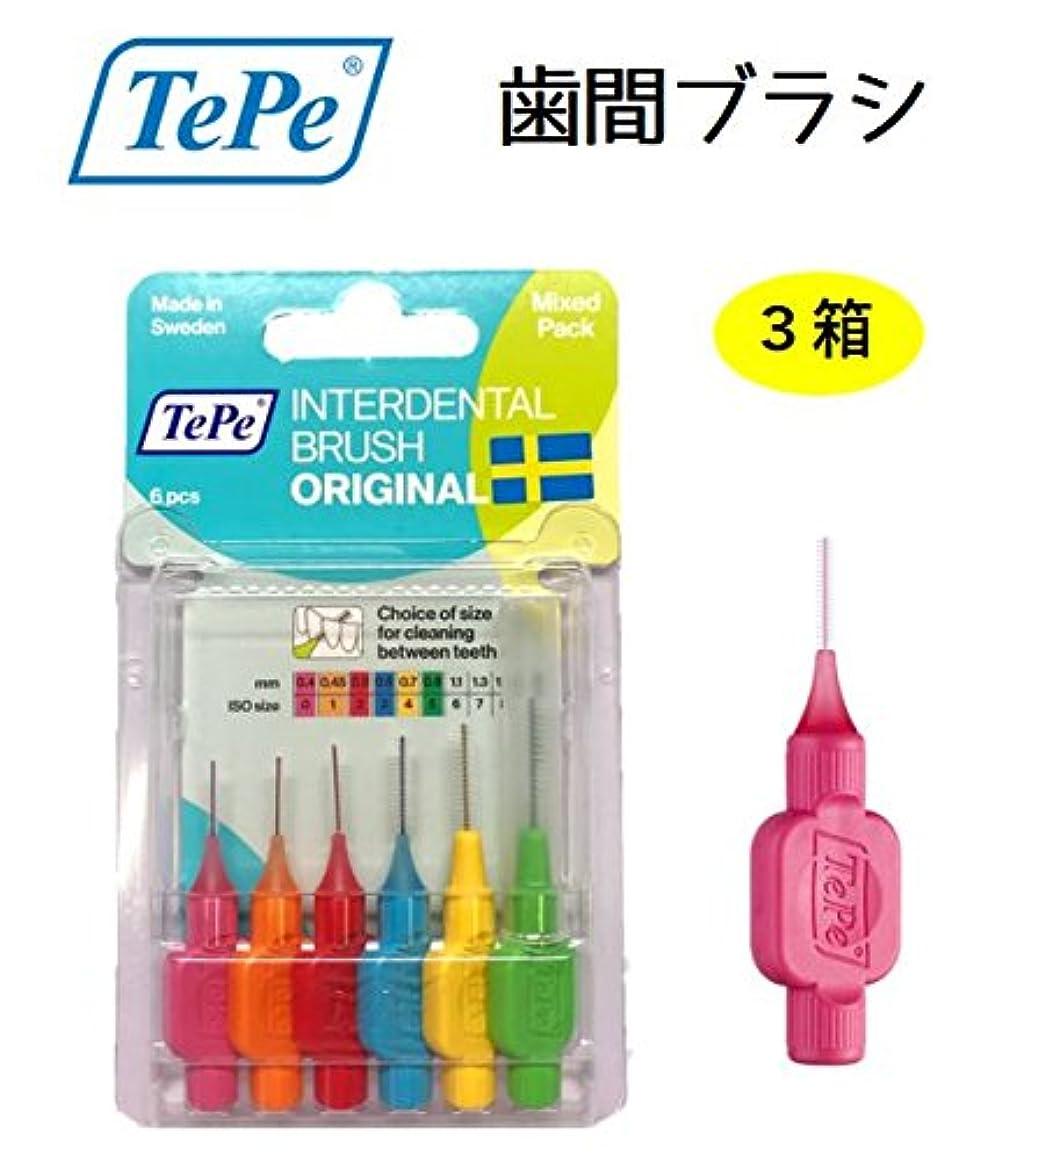 受け取る日吸い込むテペ 歯間プラシ ミックス ブリスターパック 3パック TePe IDブラシ